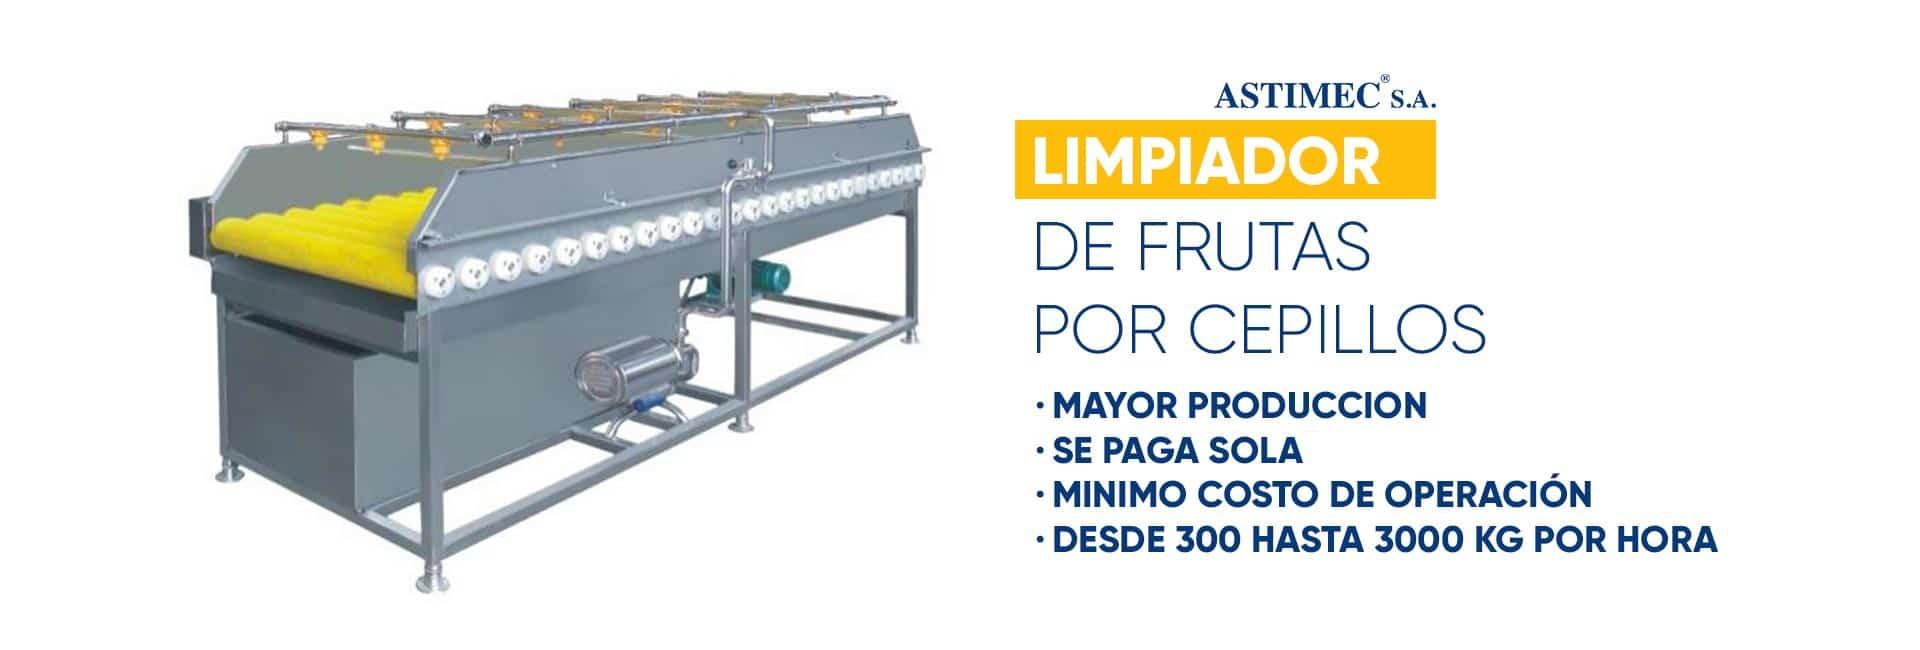 Limpiador de Frutas por Cepillos ASTIMEC